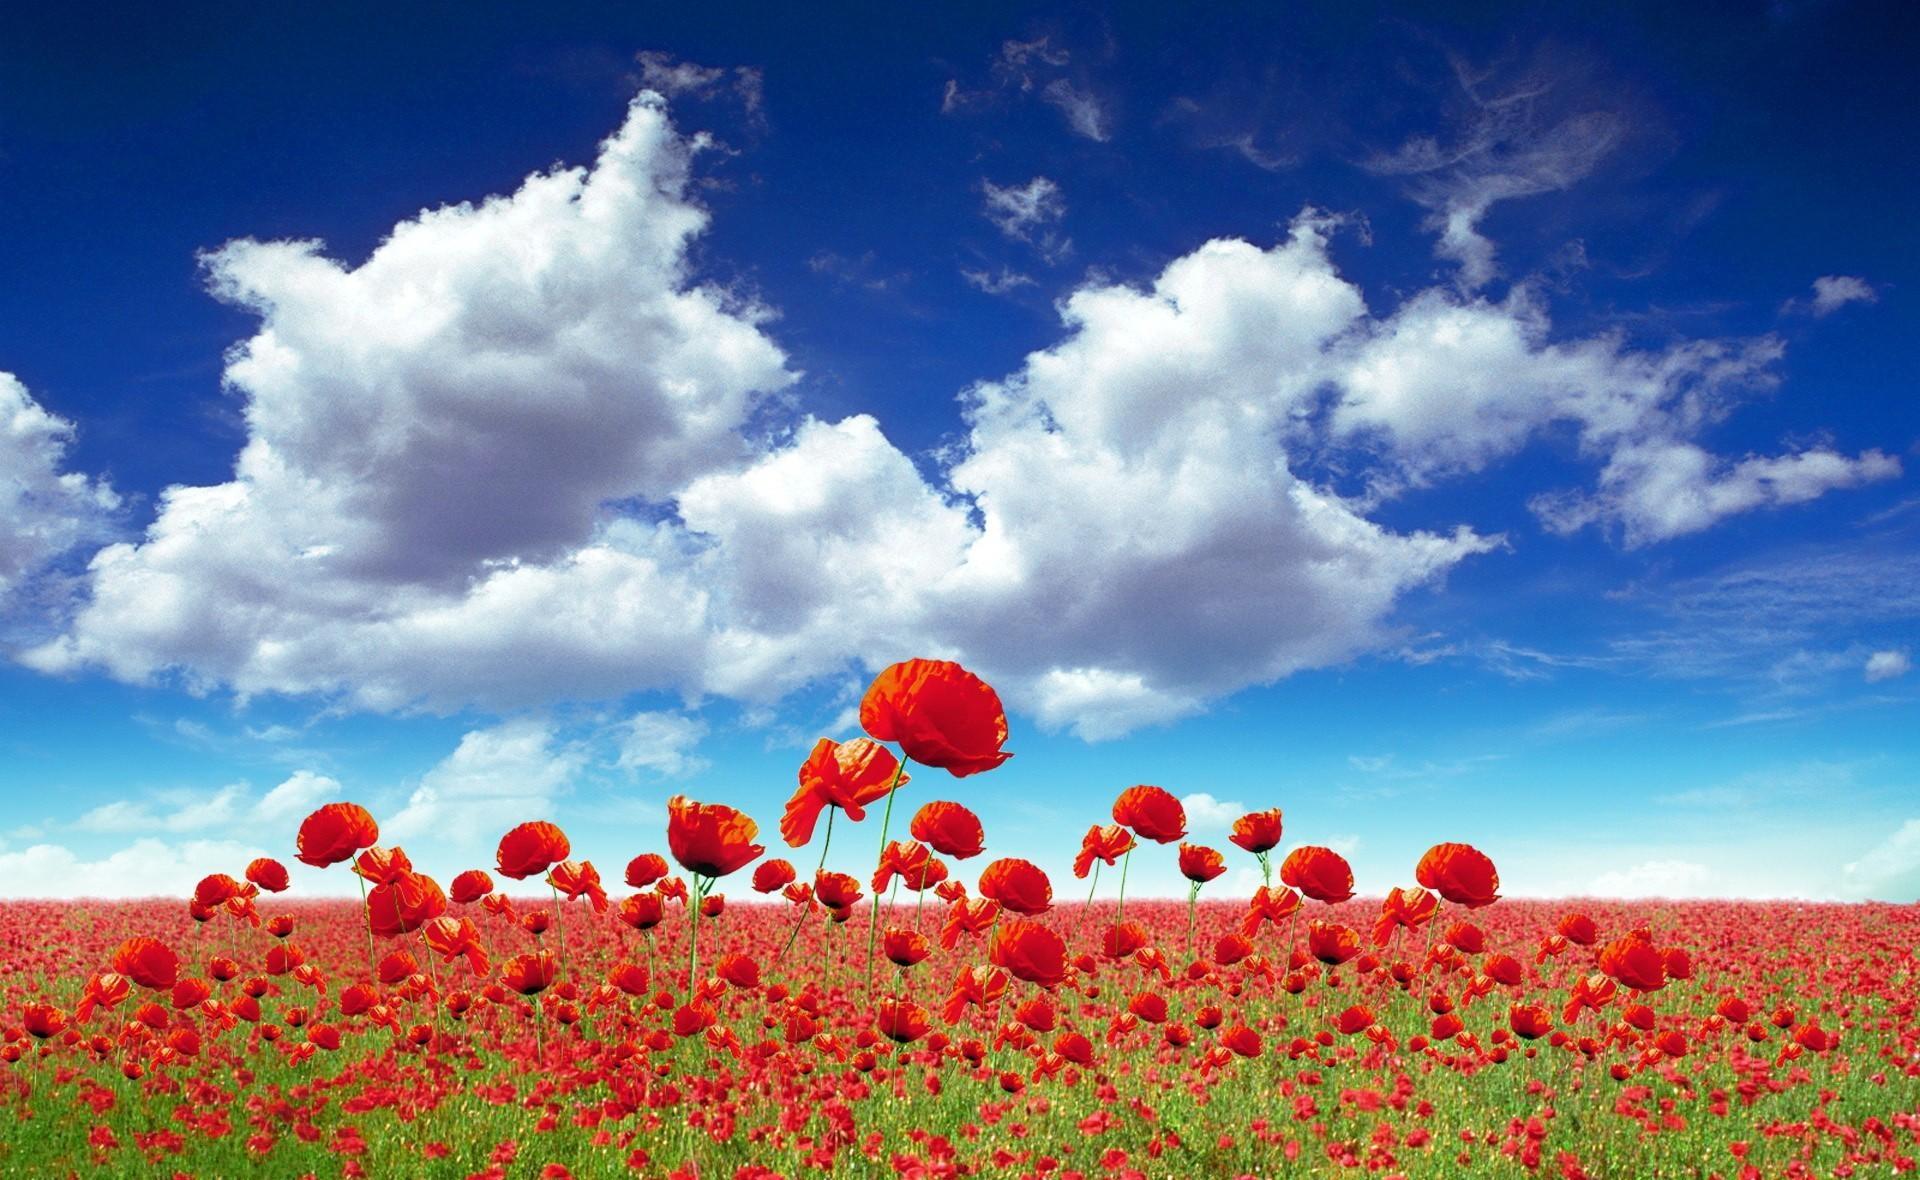 133334 скачать обои Цветы, Маки, Поле, Небо, Облака, Свет - заставки и картинки бесплатно